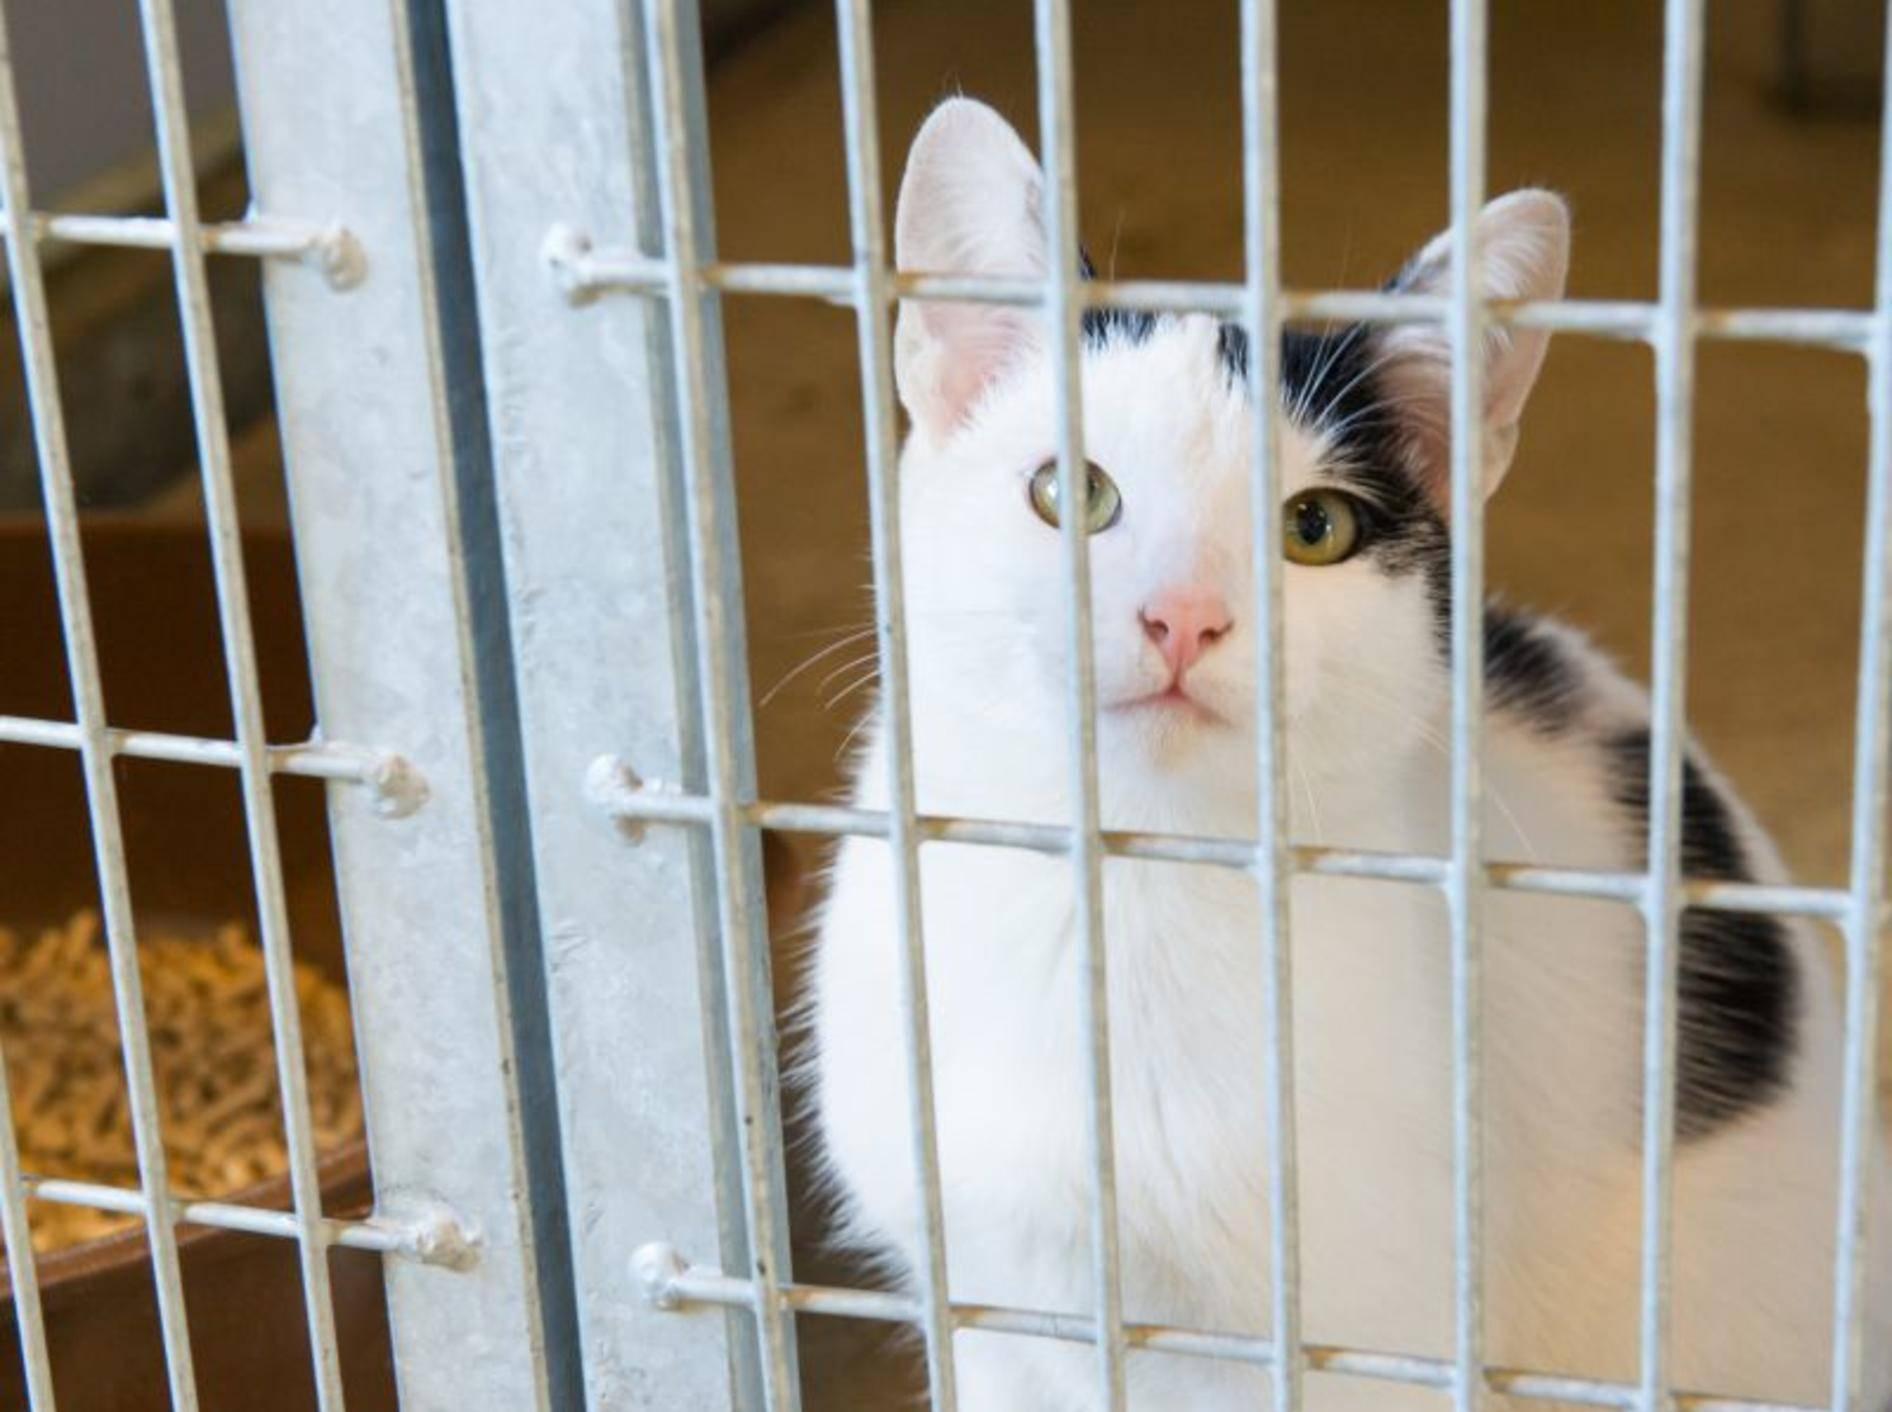 Tiervermittlung online: Rat und Tat über das Internet — Bild: Shutterstock / Ivonne Wierink